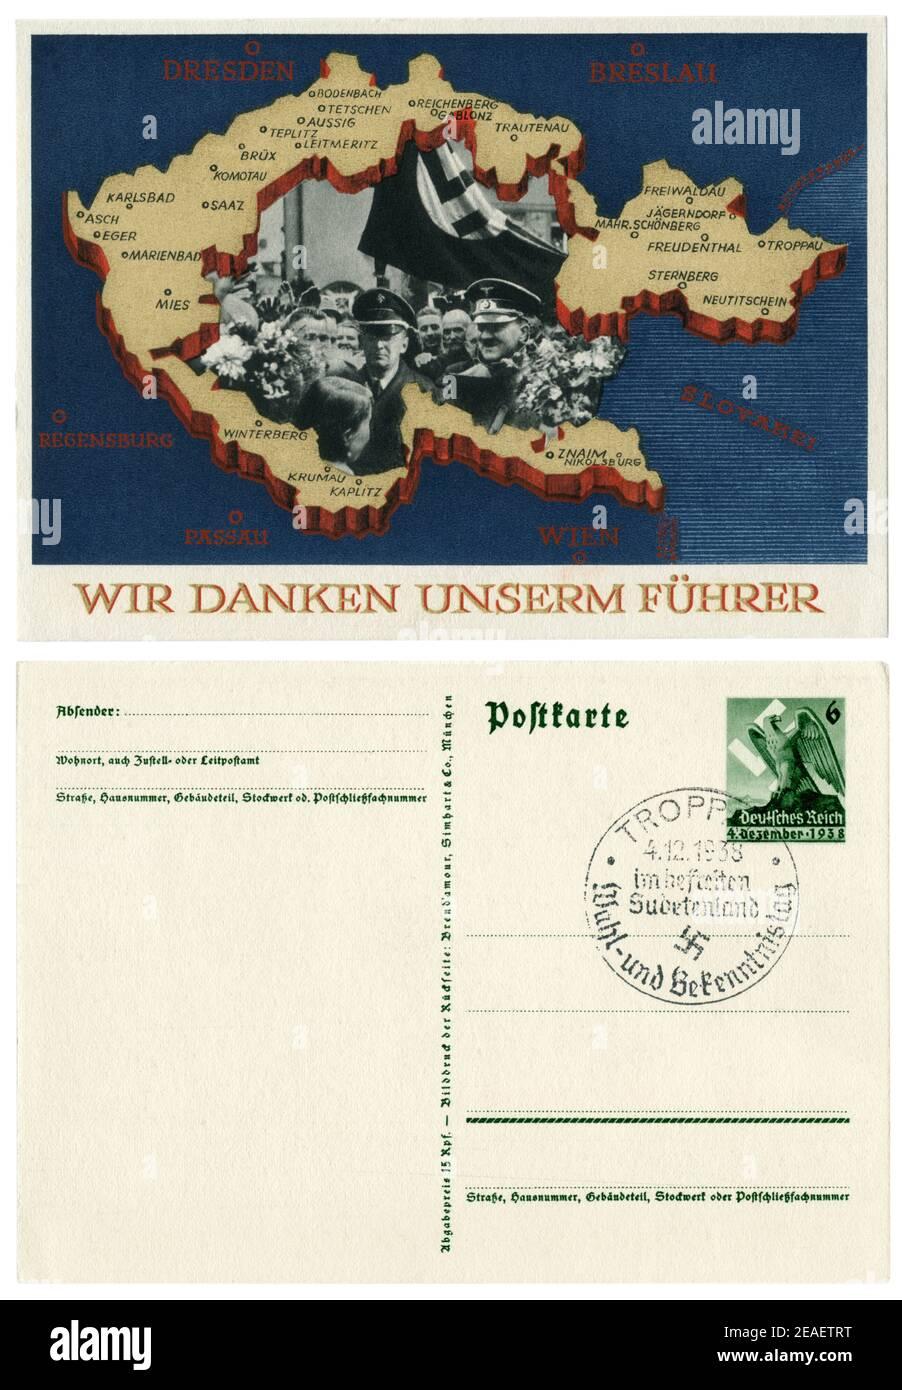 Carte postale historique allemande : plébiscite sur l'adhésion des Sudètes. Annexion de parties de Tchécoslovaquie. 29 septembre 1938, partie inverse Banque D'Images